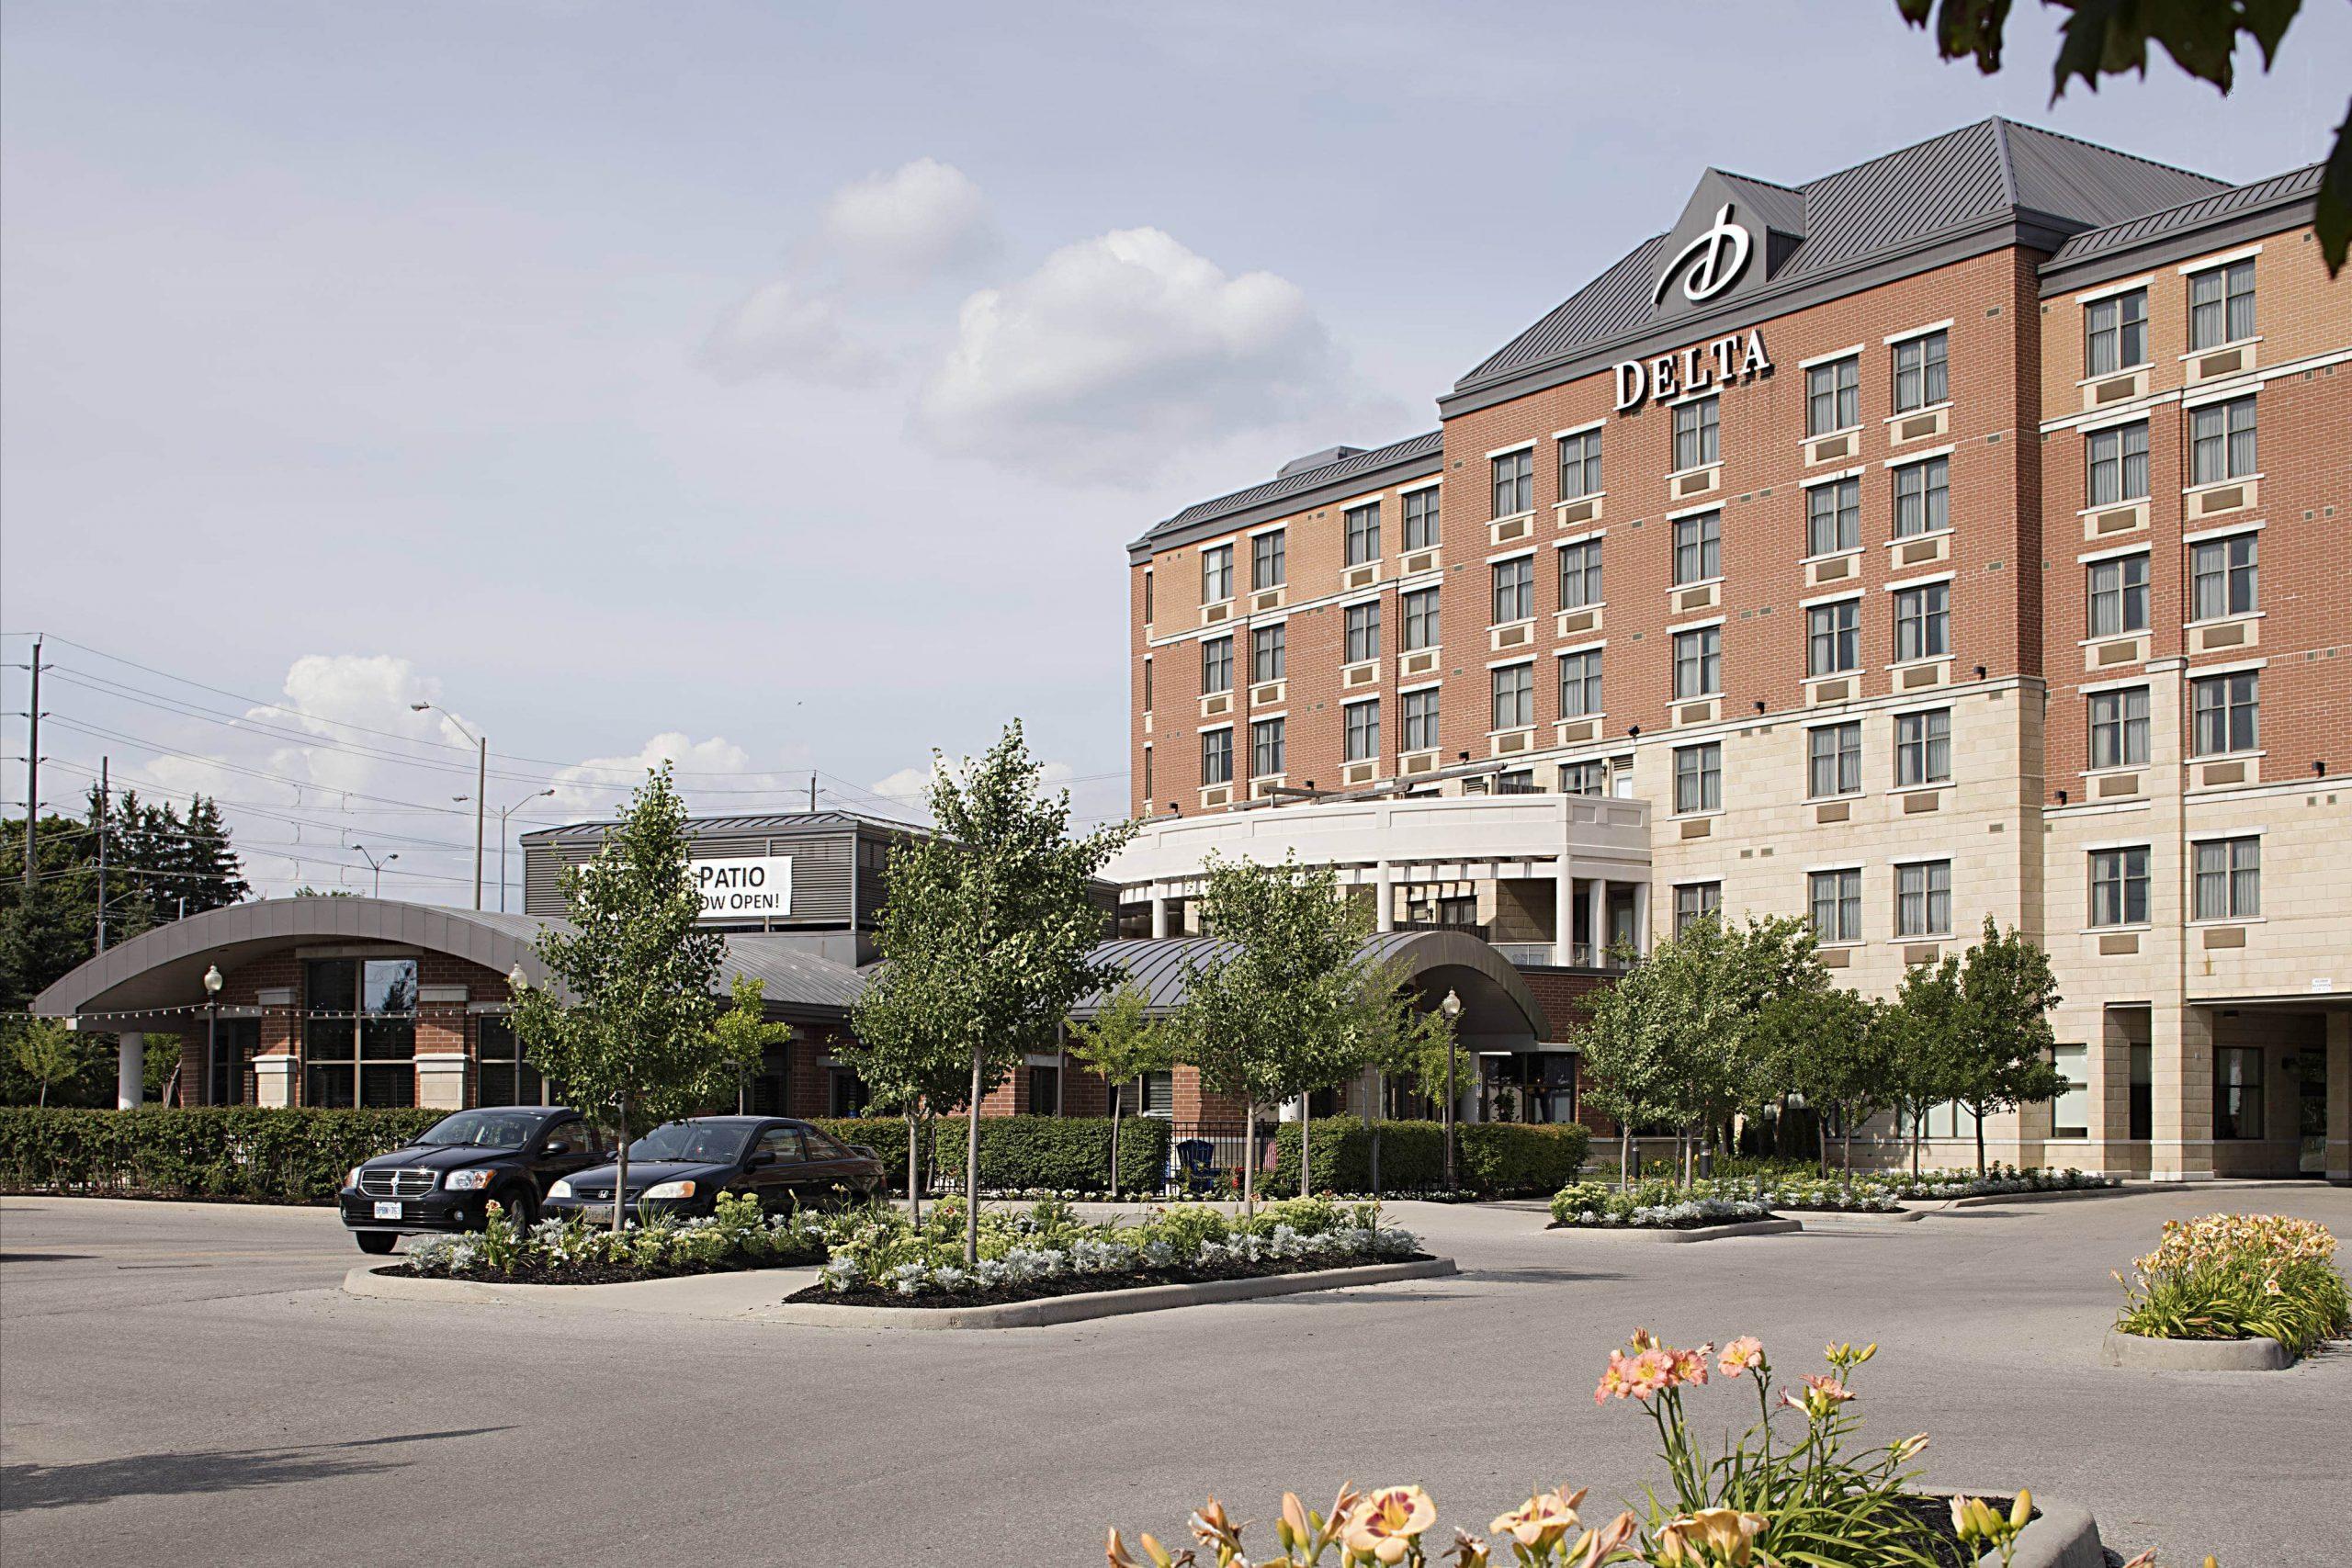 delta hotel in guelph outside